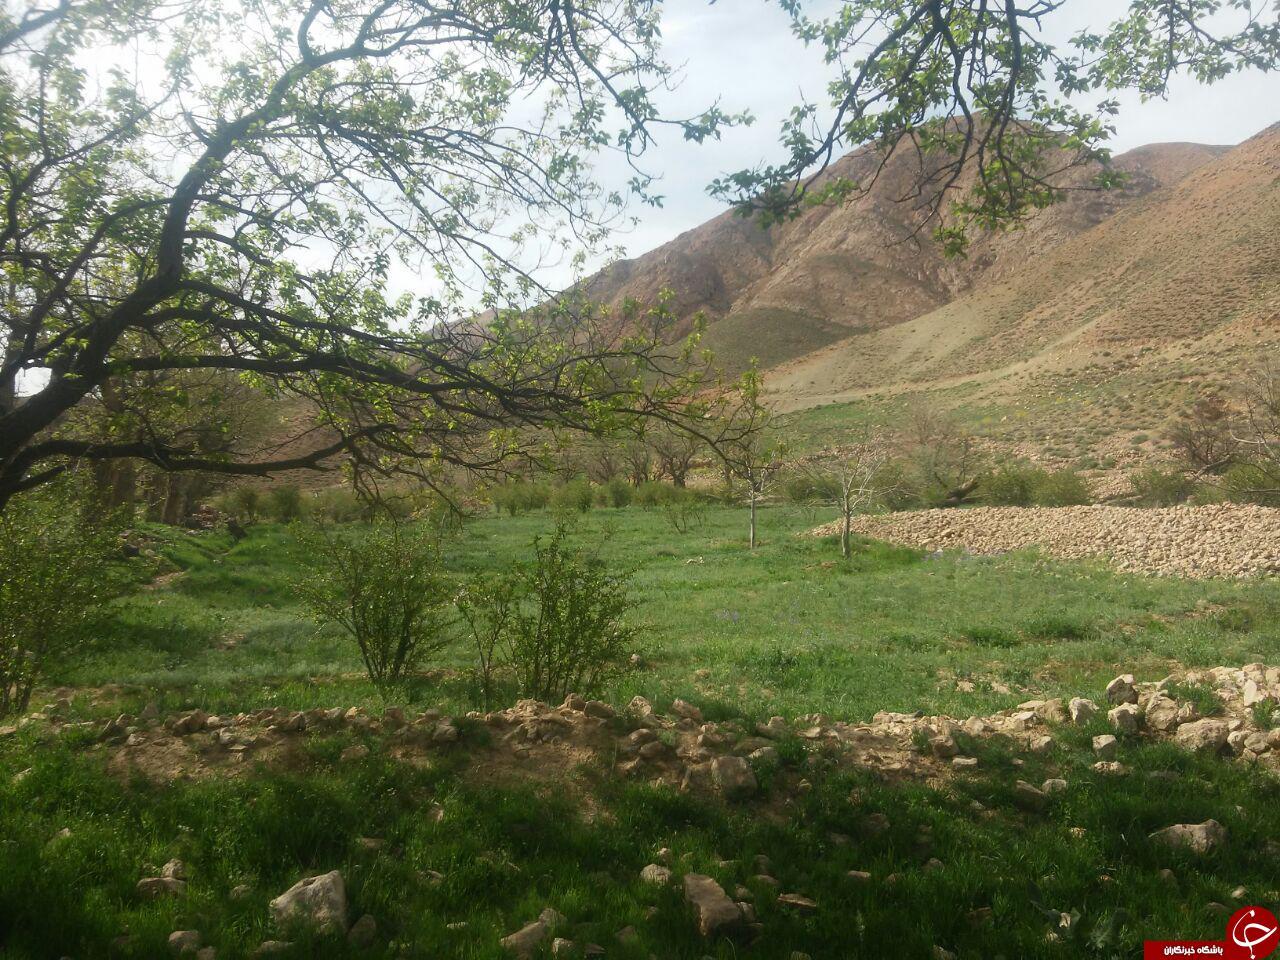 طبیعت بکر و گردشگری روستای «شیخ علی» + تصاویر